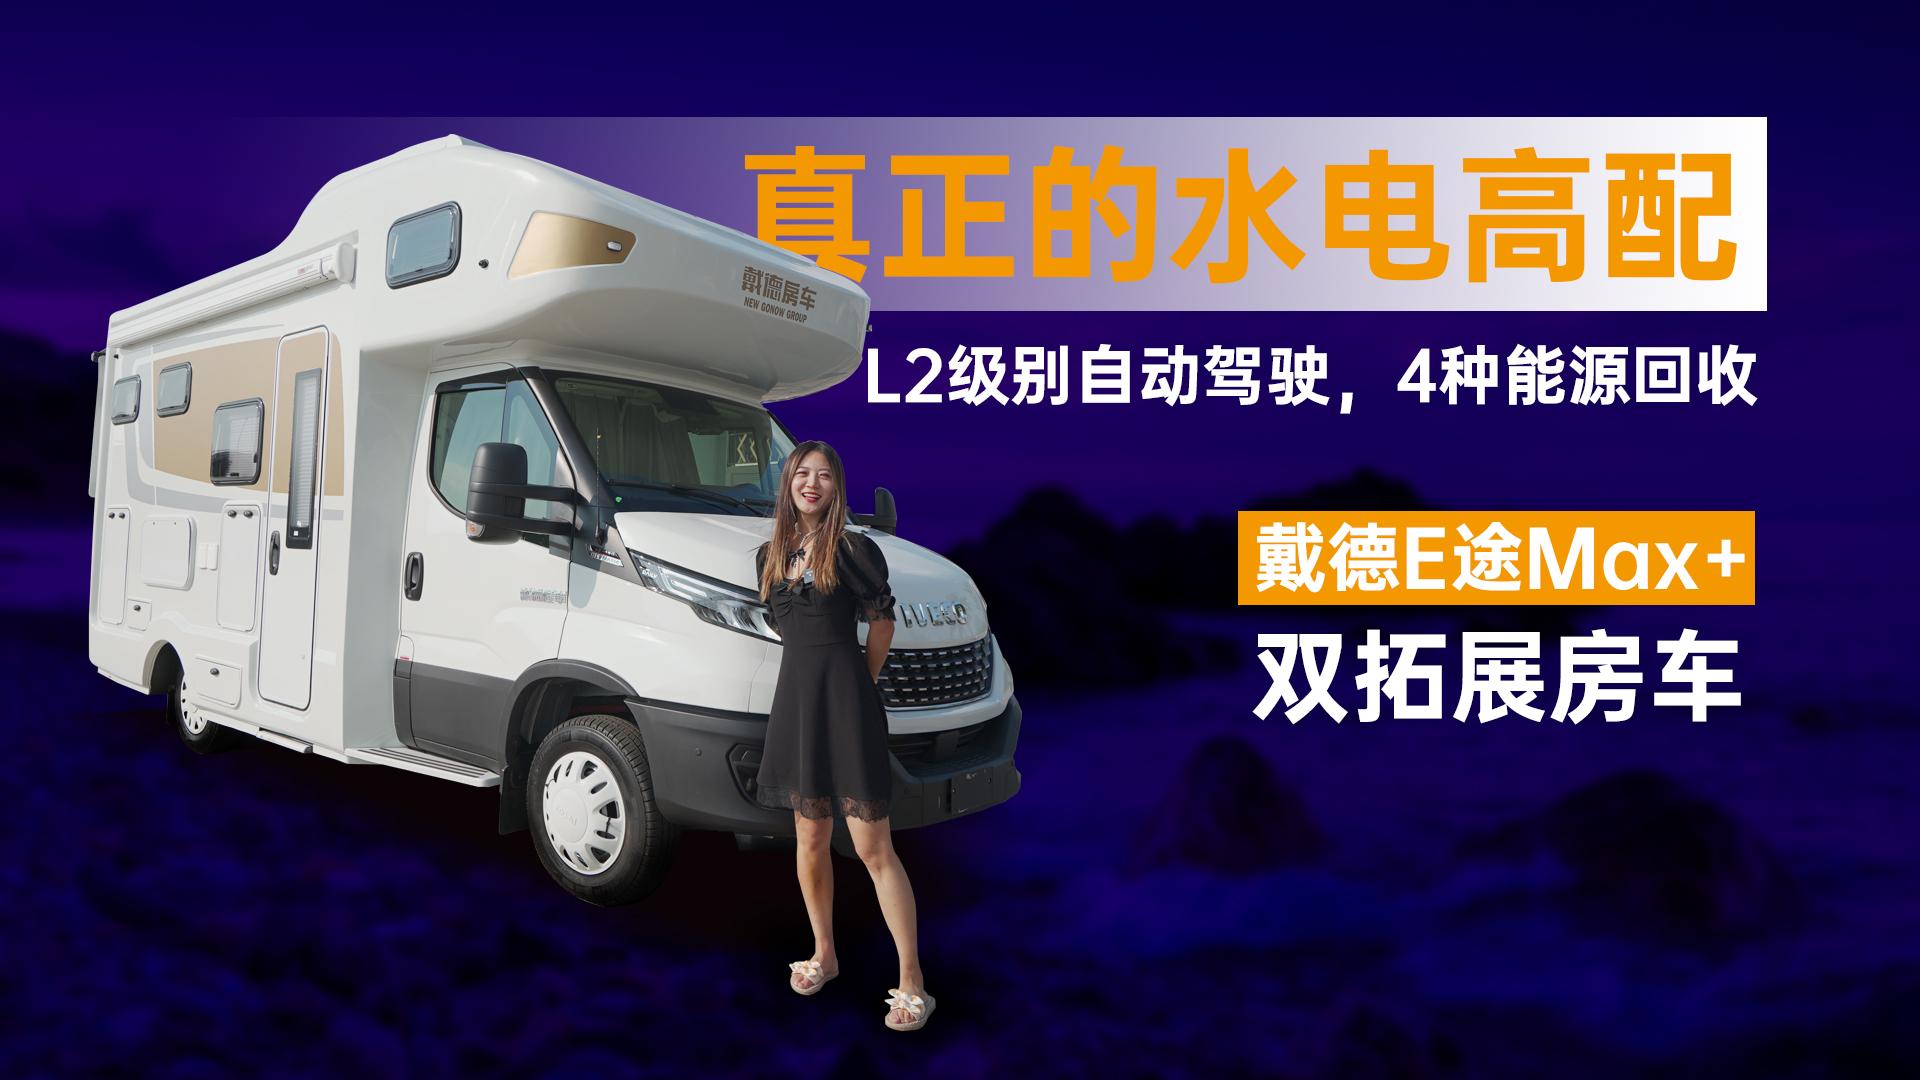 L2级别自动驾驶,4种能源回收,真正的水电高配,戴德E途Max+双拓展房车